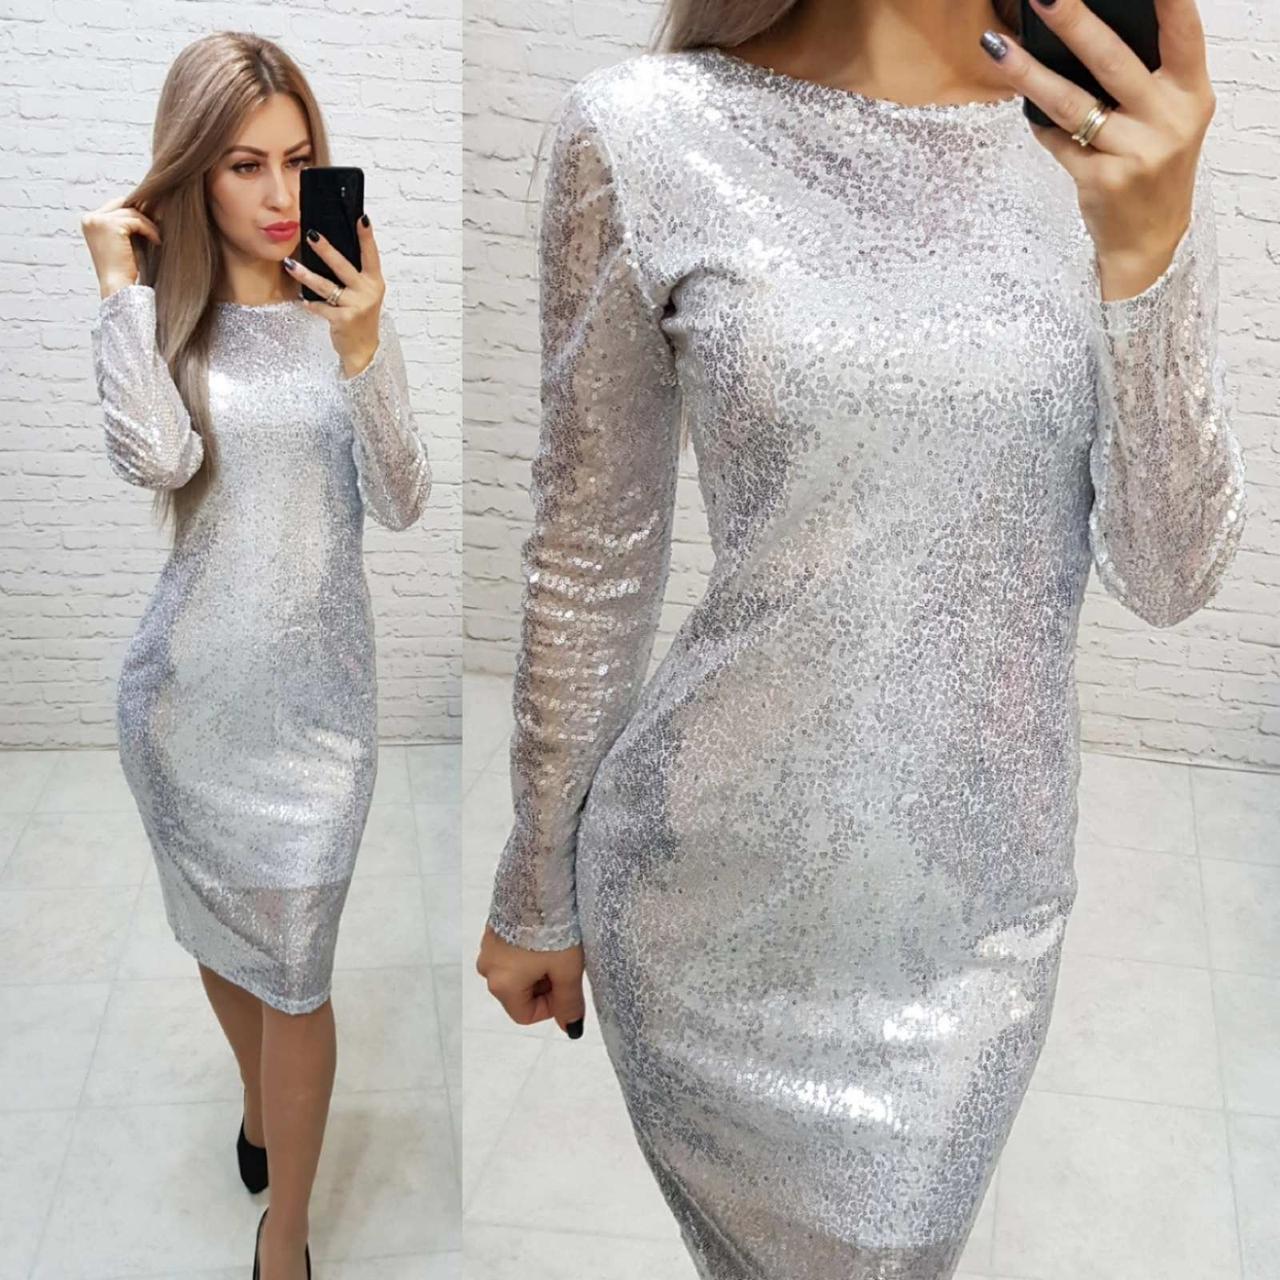 Ошатне жіночна сукня з відкритою спинкою, арт 184, білого кольору, колір білий